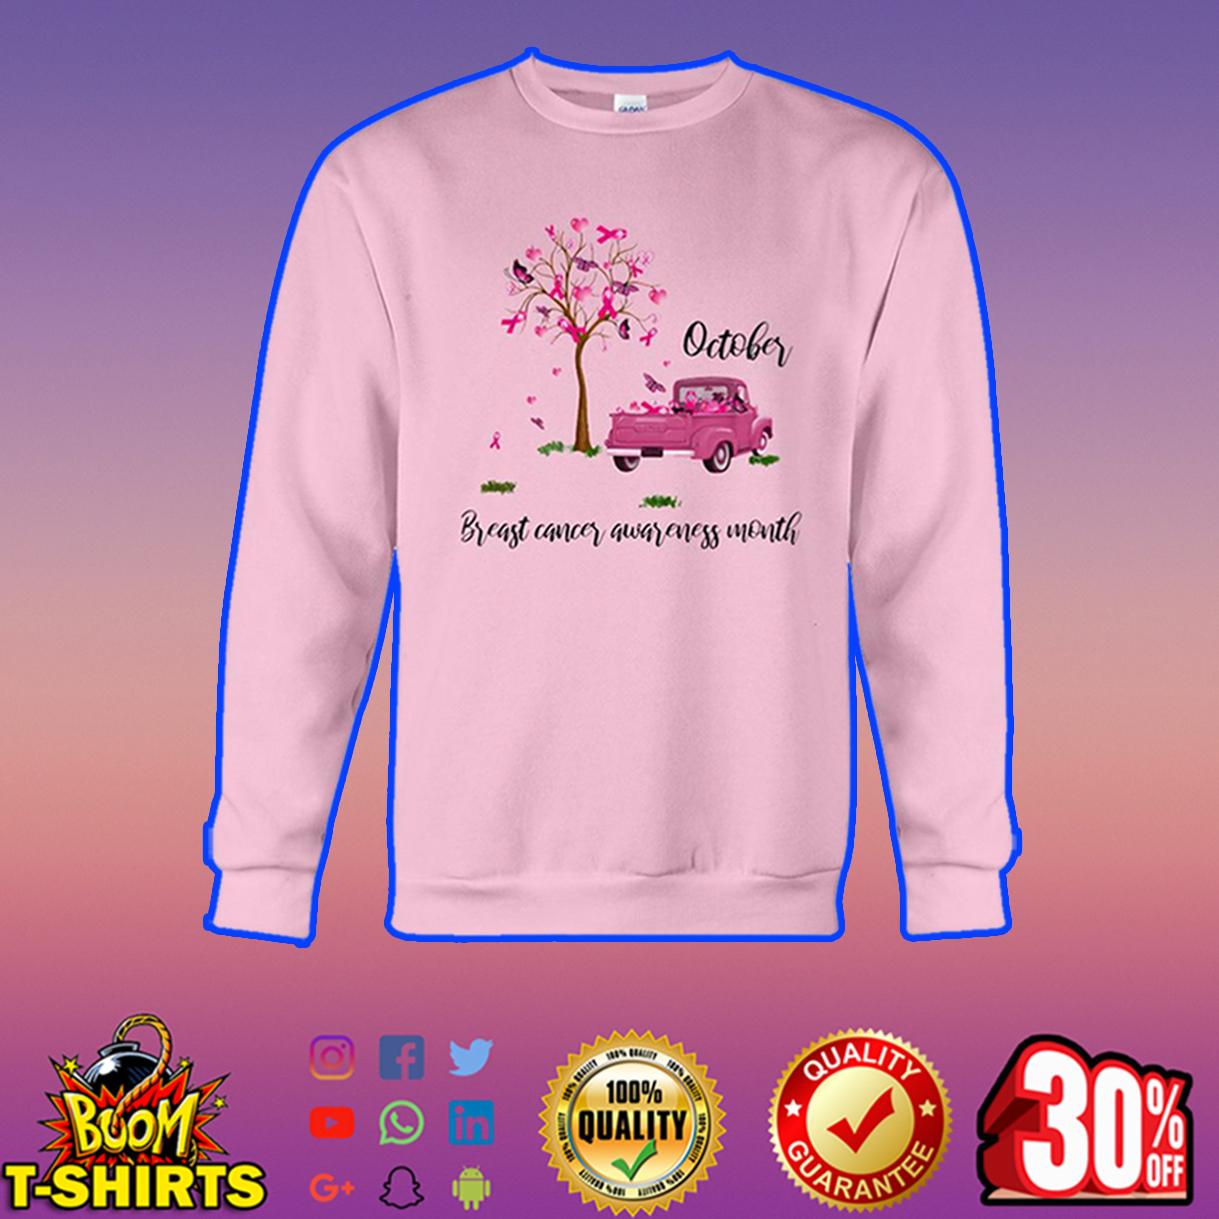 October breast cancer awareness month sweatshirt